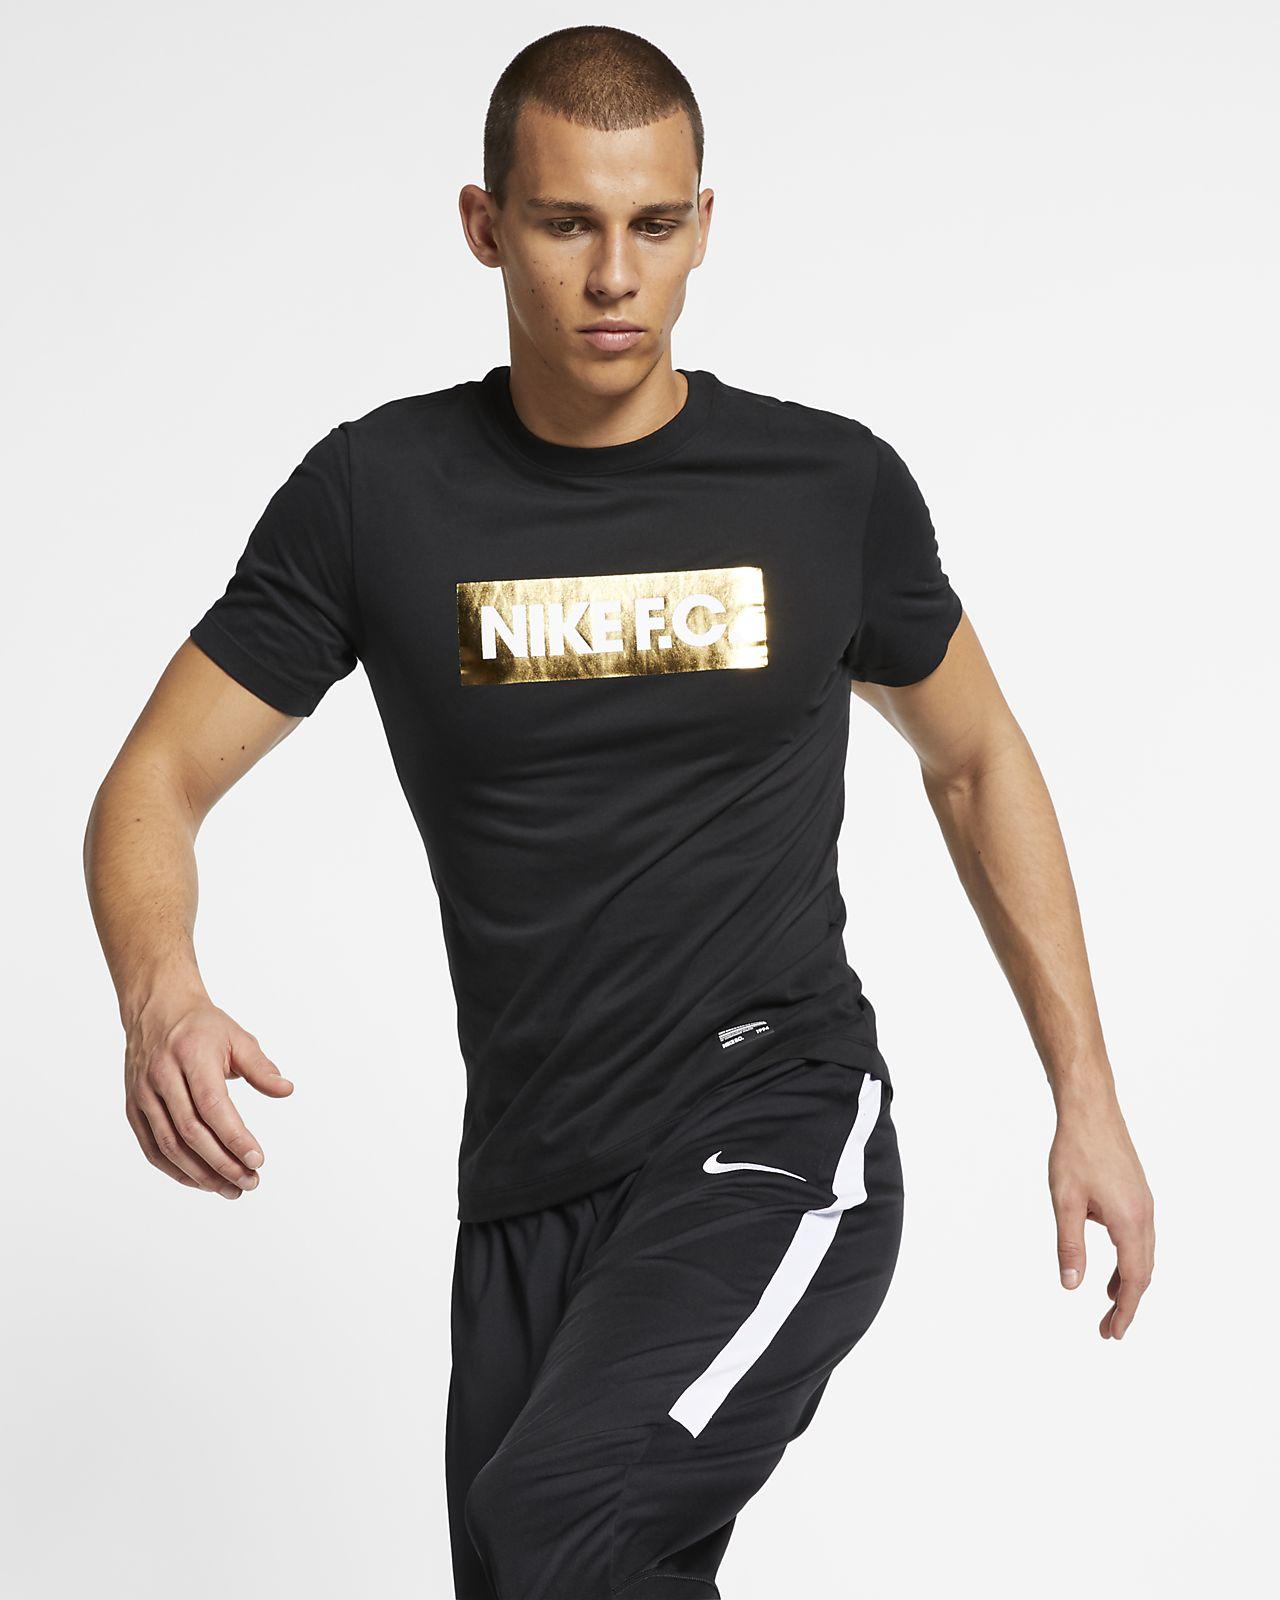 Nike F.C. Dri-FIT 男子足球T恤